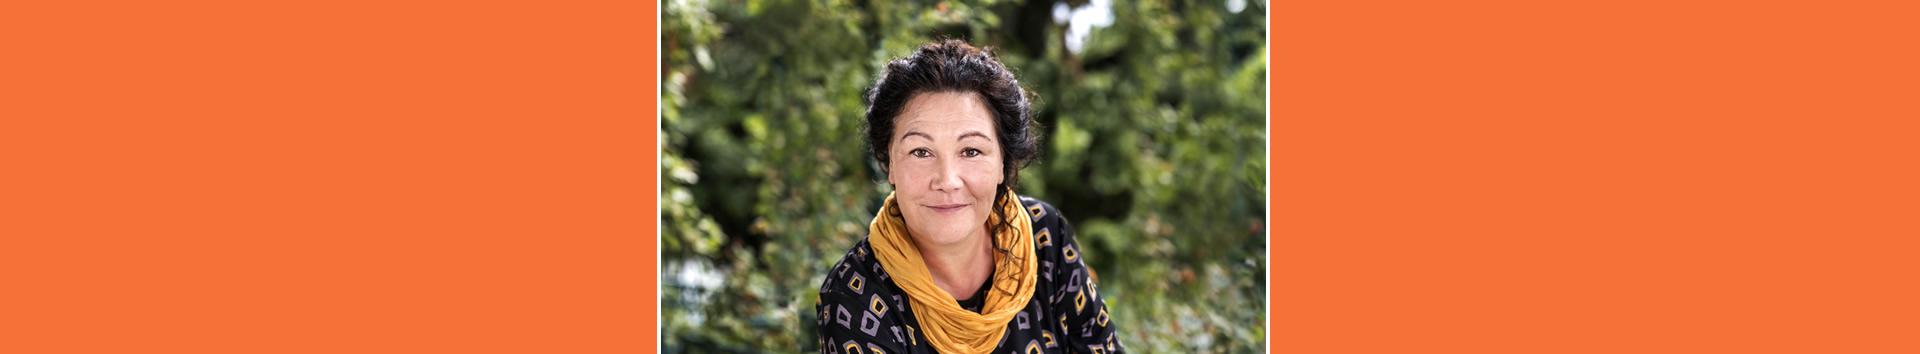 Eva Mosimann Weiterentwicklung für Fachleute aus Schulsozialarbeit und Soziale Arbeit